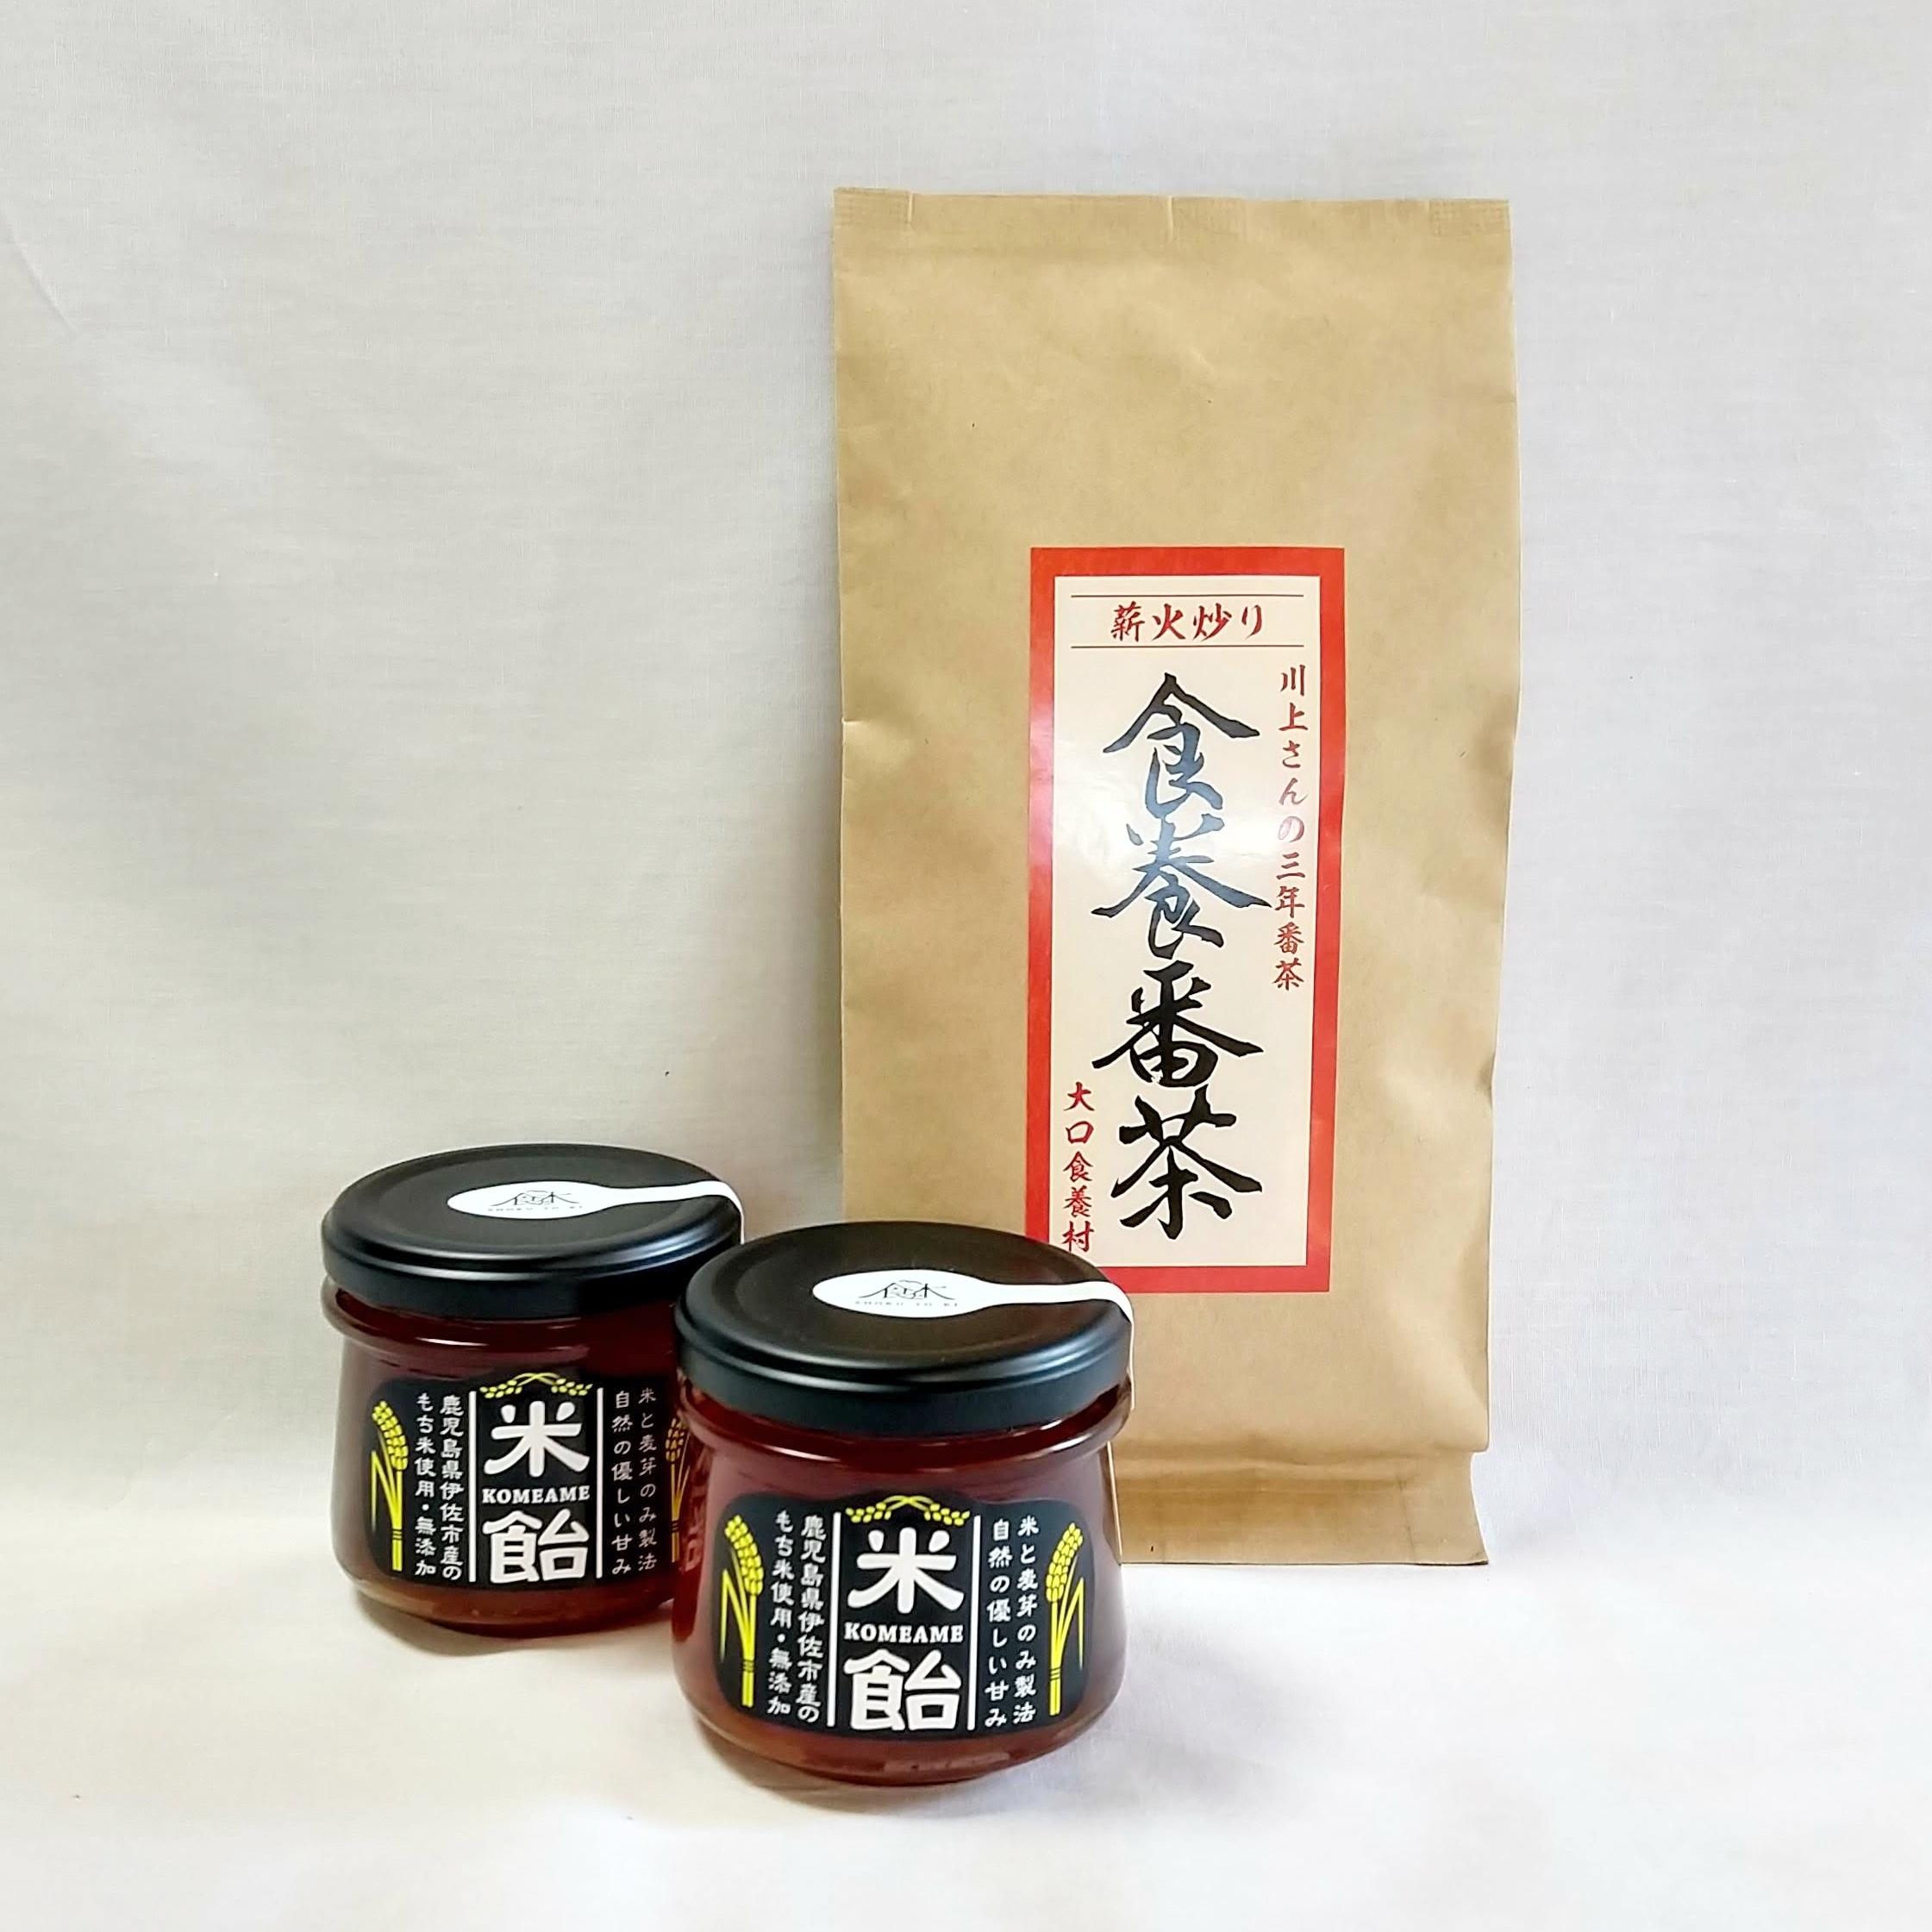 米飴2個、食養番茶120gのセット【送料込み】